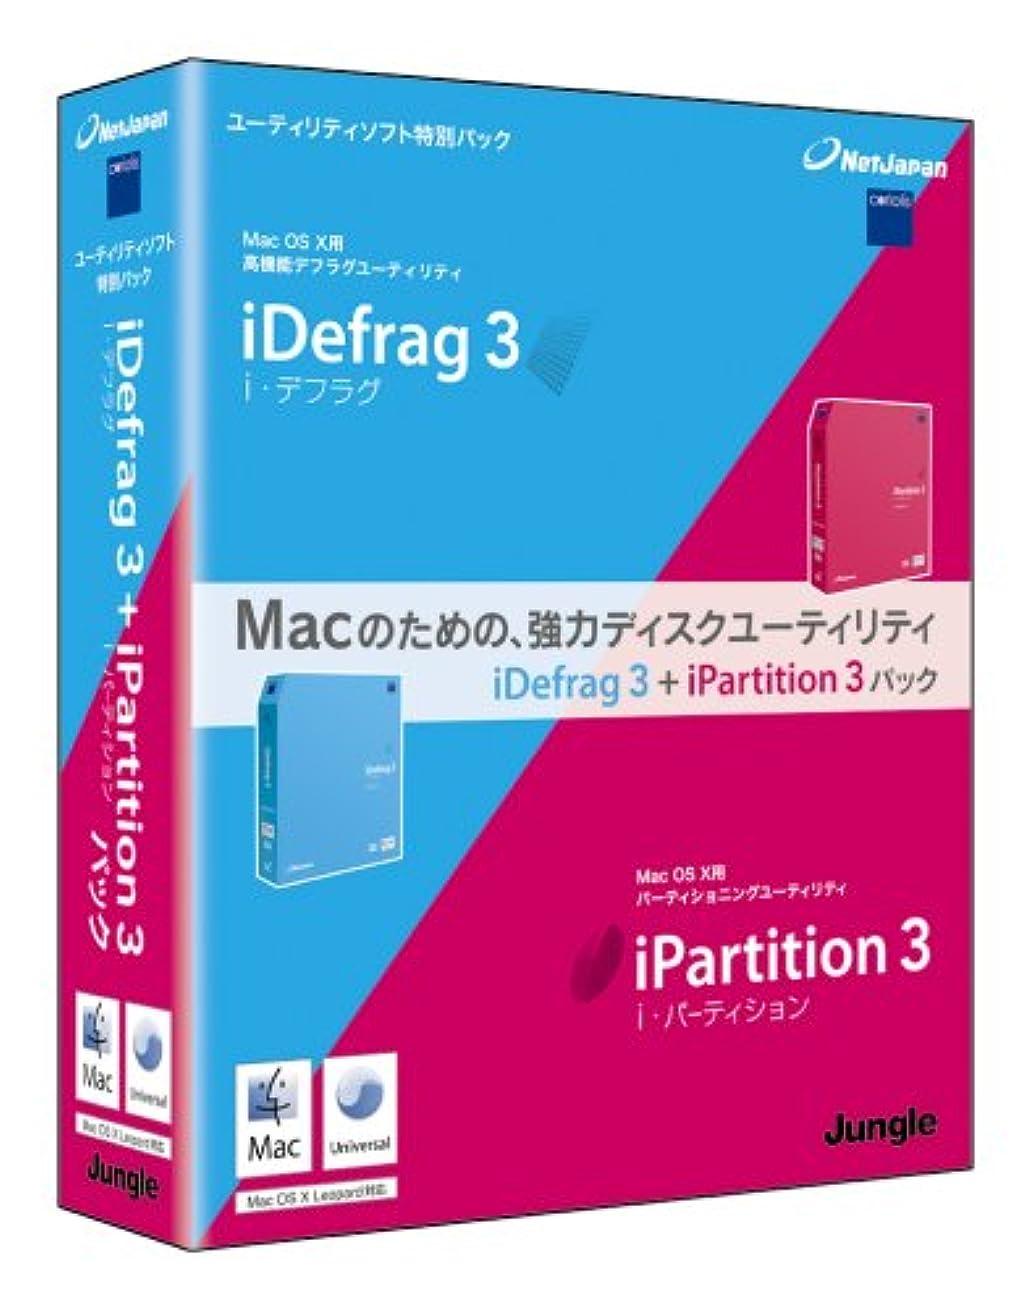 チーフコカイン不倫iDefrag 3 + iPartition 3 パック